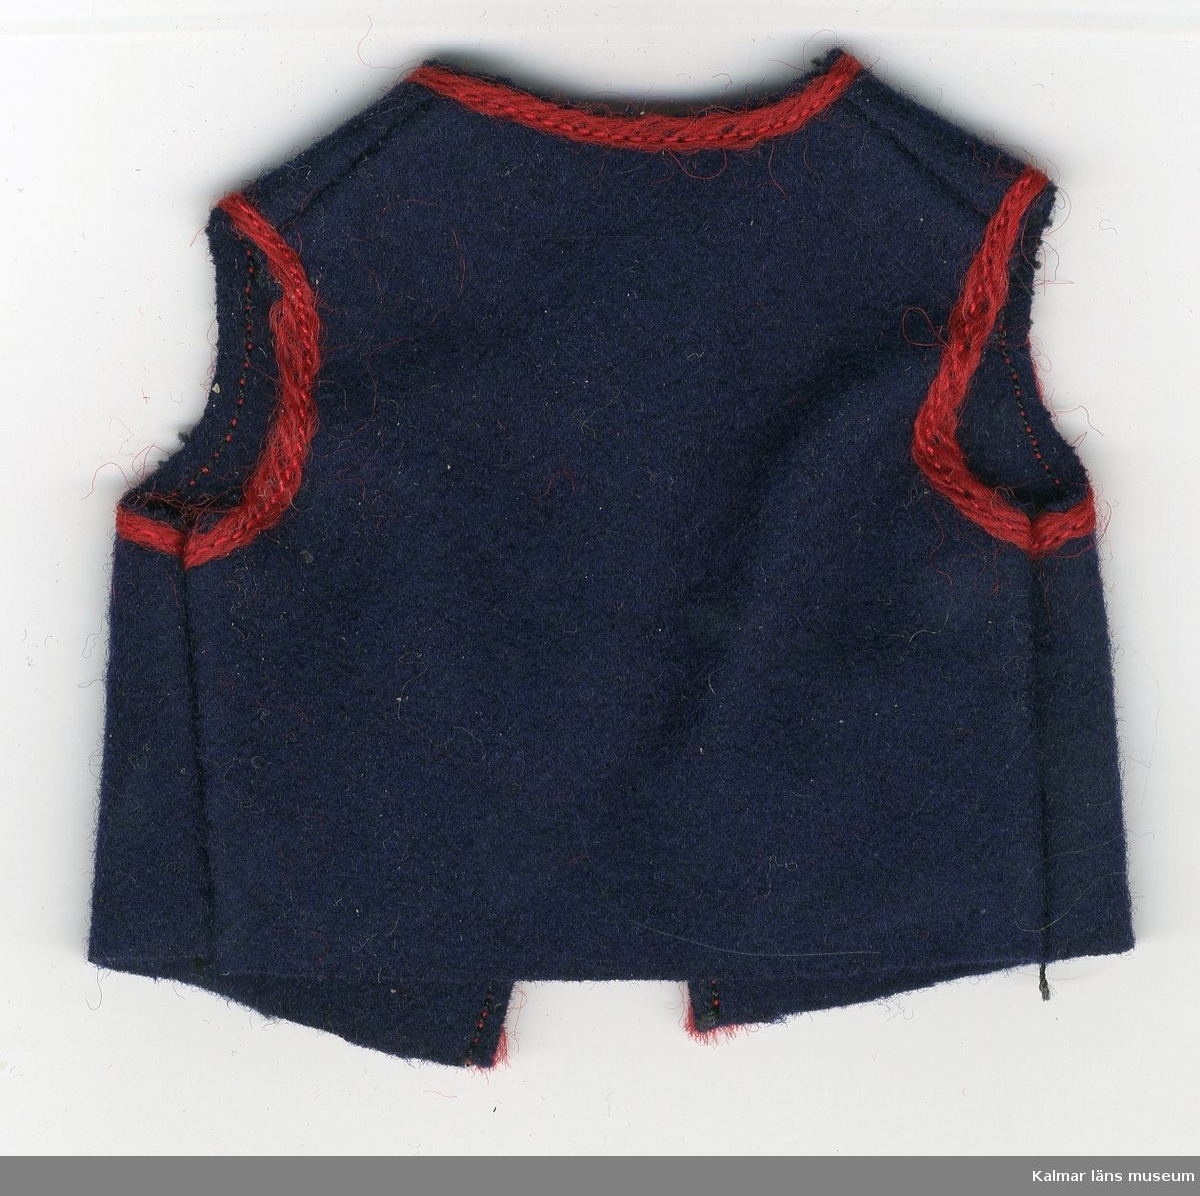 KLM 28082:83. Dockväst, herr, av textil, ylle. Del av dräkt, består av väst med röd kant runt ärmhålen, halsen, knäppningen och vid fickorna. Till nationaldräkt från: ?